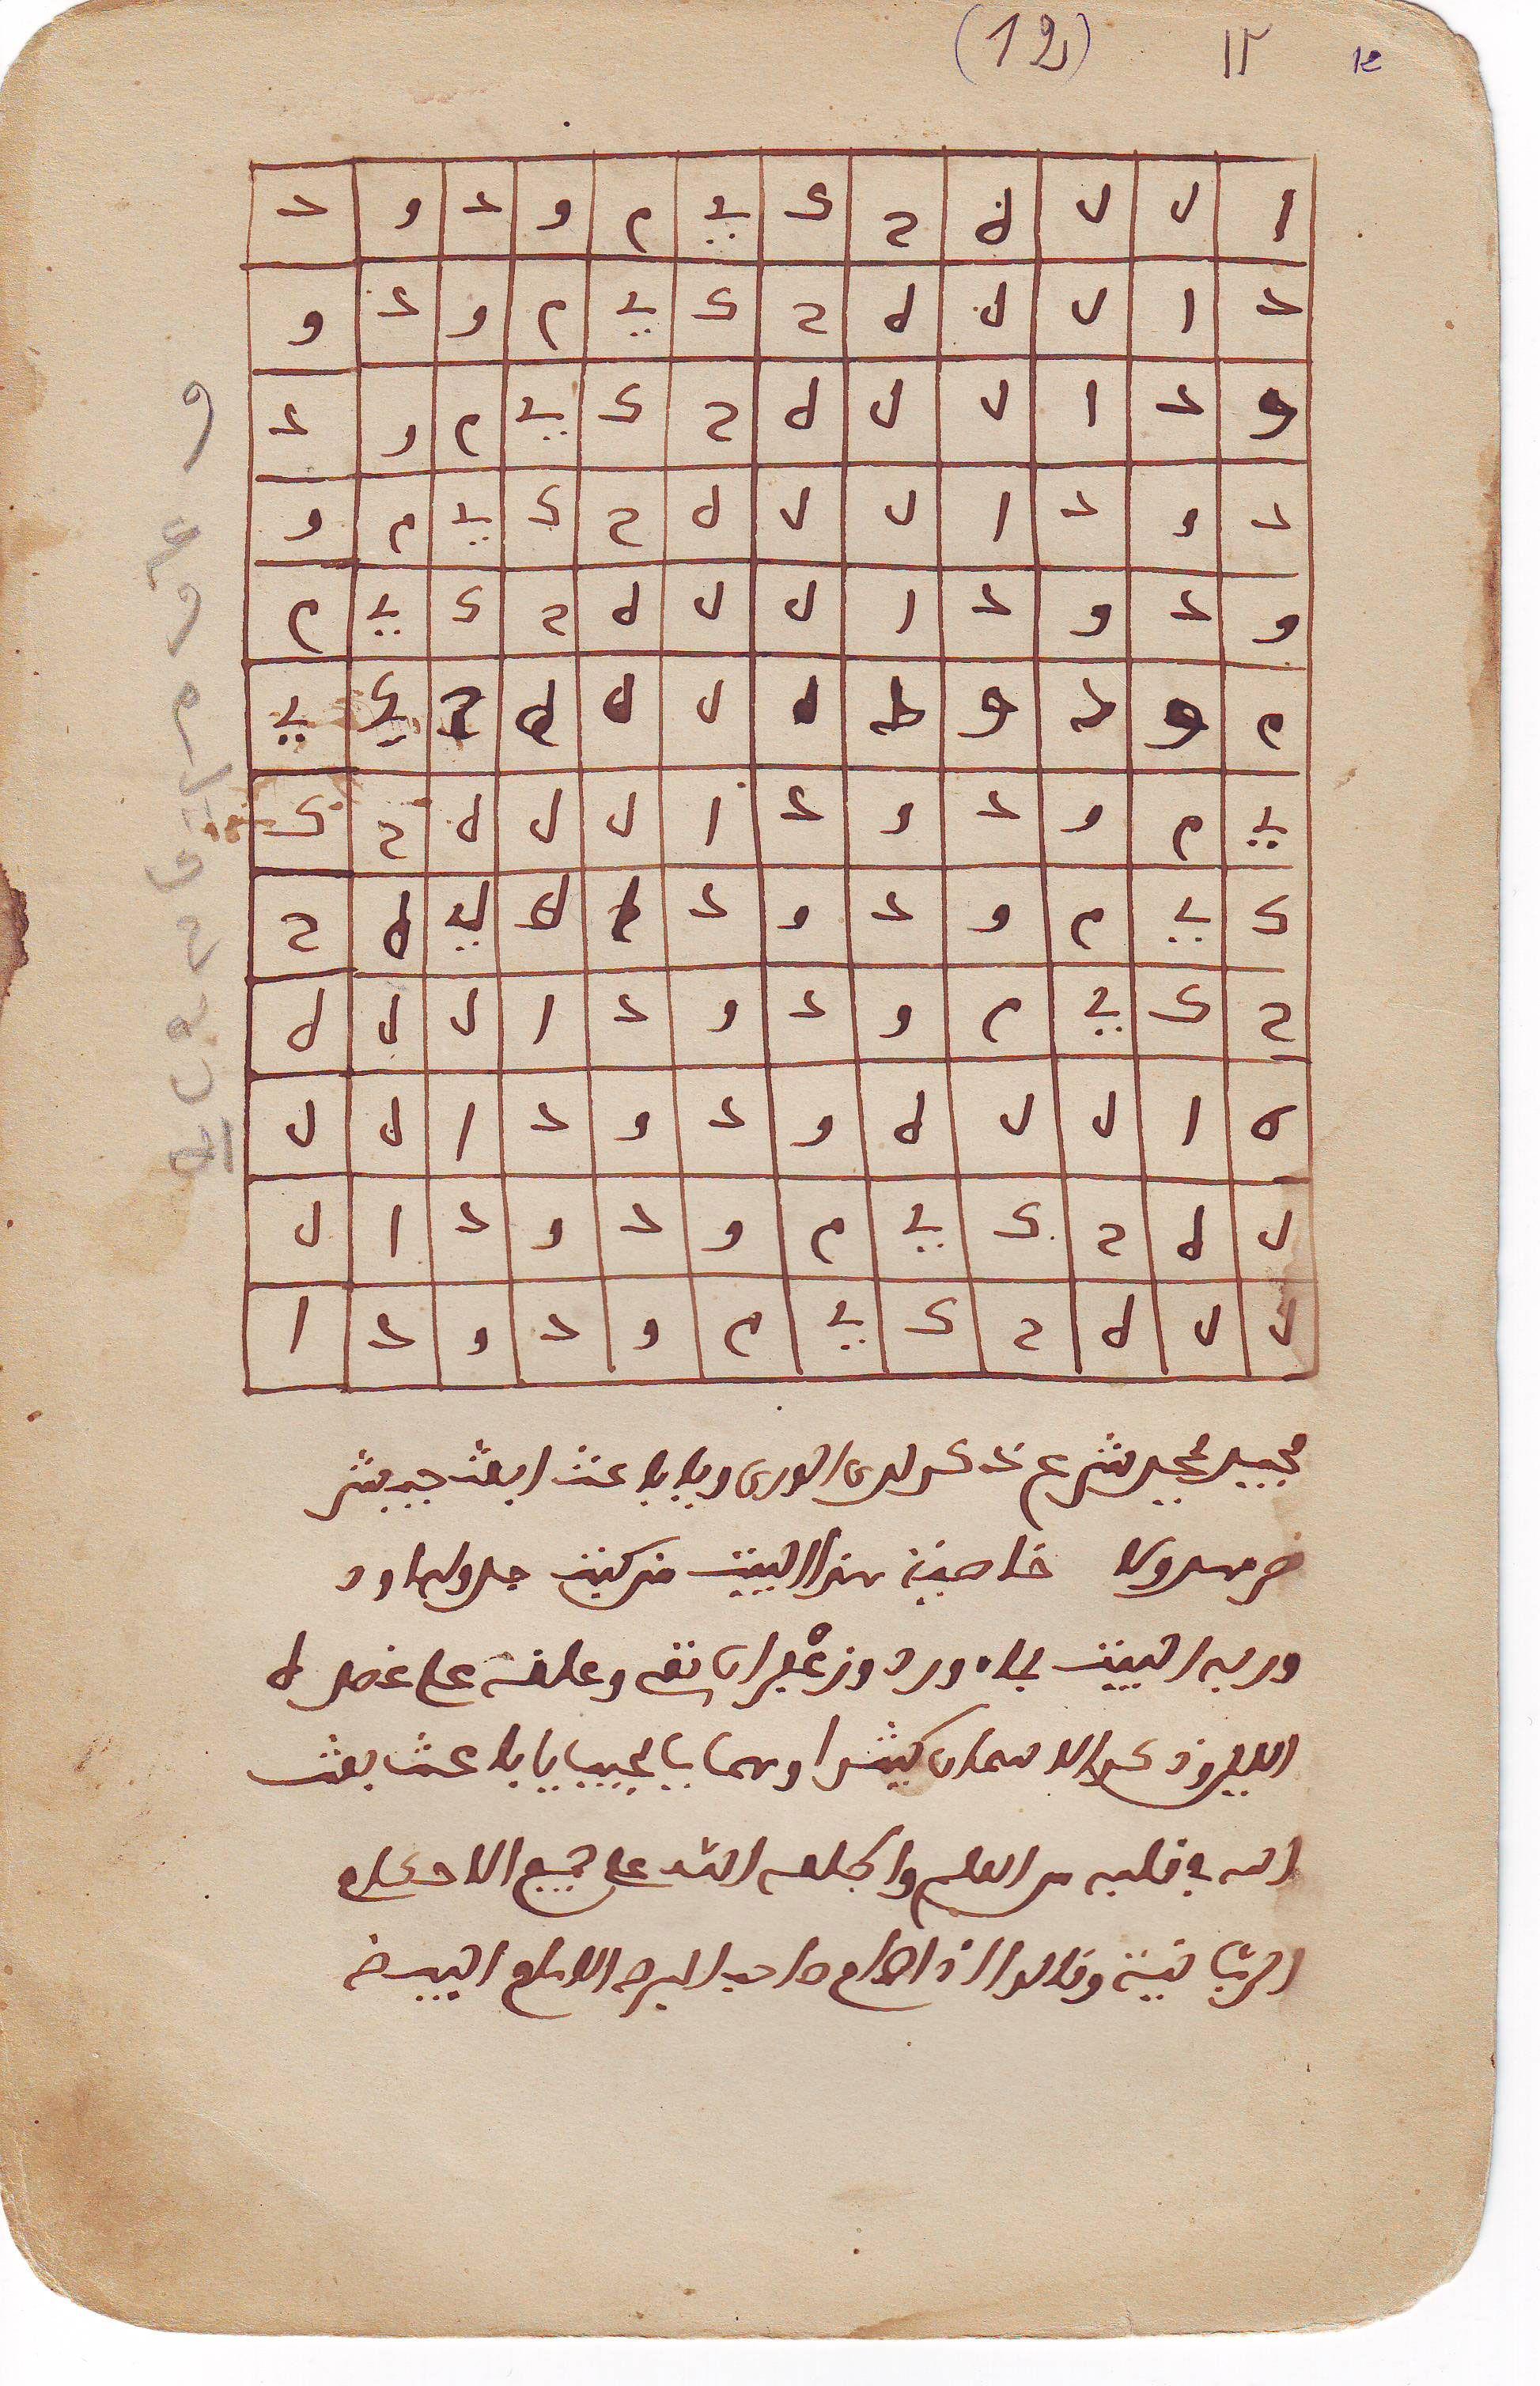 الدعوات الروحانة هذه اقوى دعوة في جلب المال والغنى Islamic Phrases Magic Book Free Pdf Books